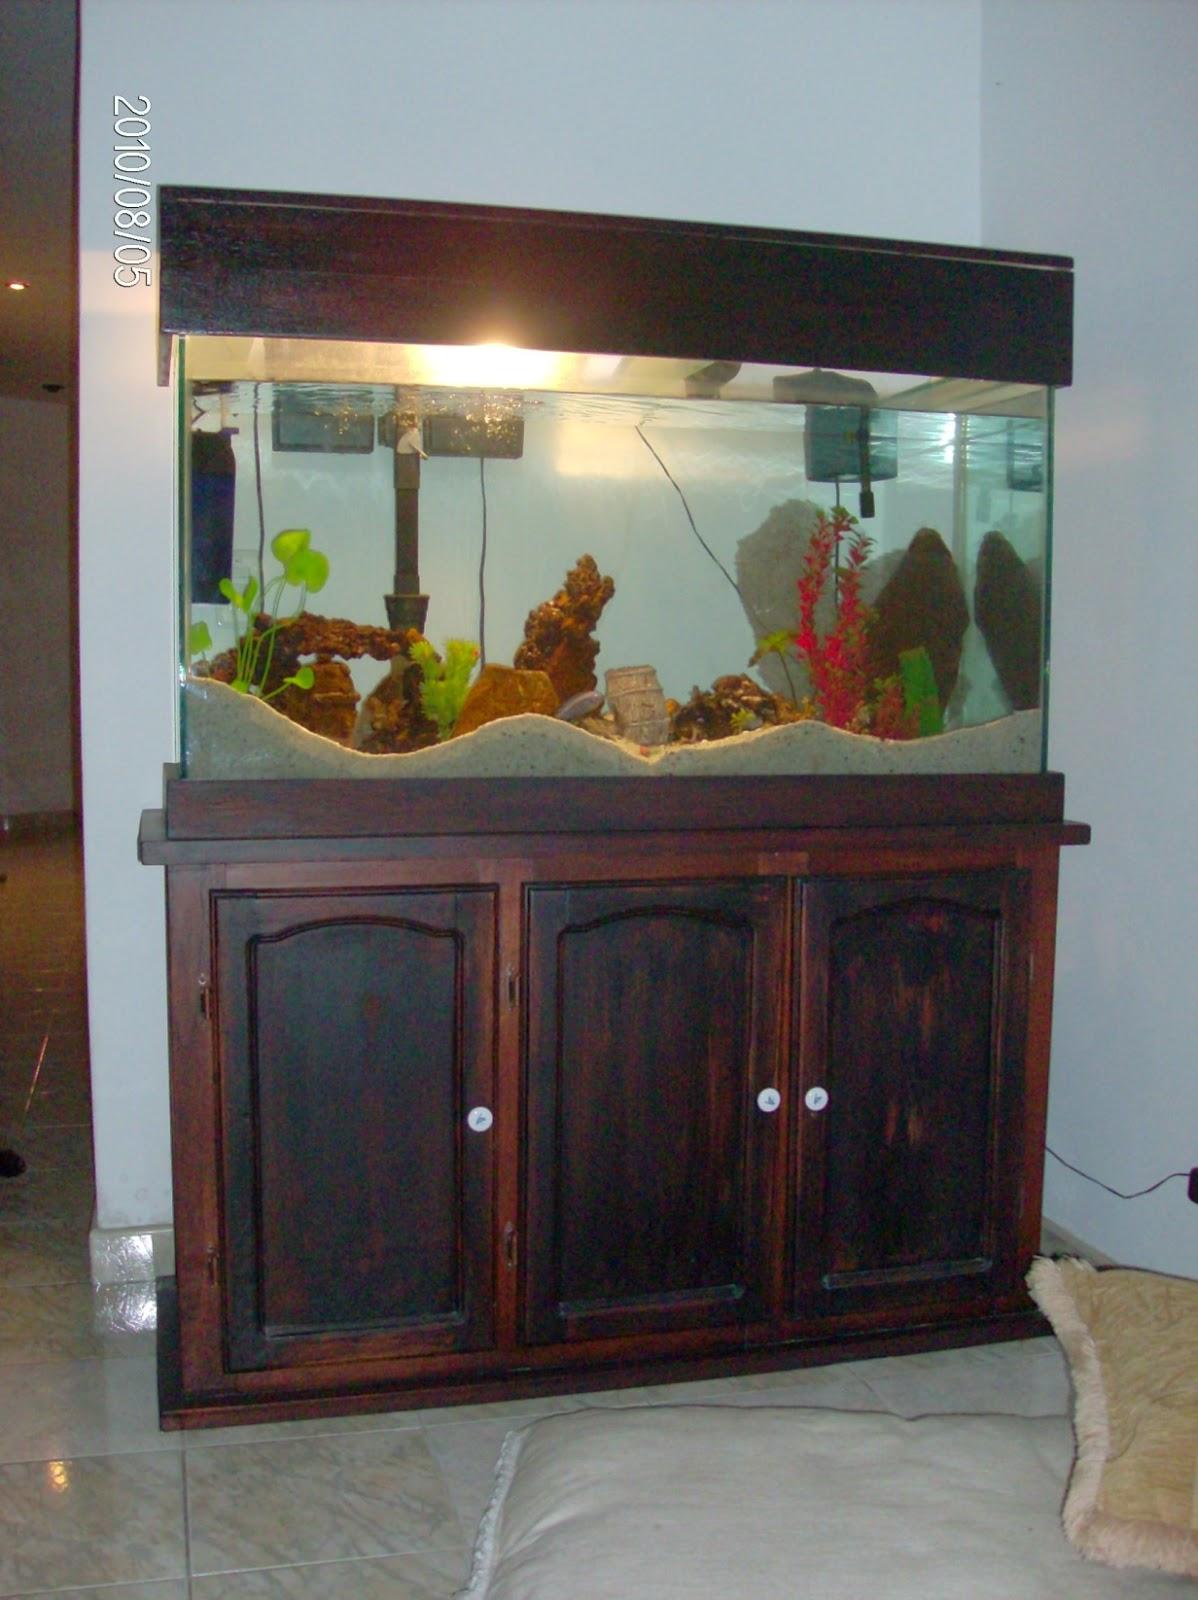 El taller del burro diy mueble para acuario de 120x40 for Mueble para acuario